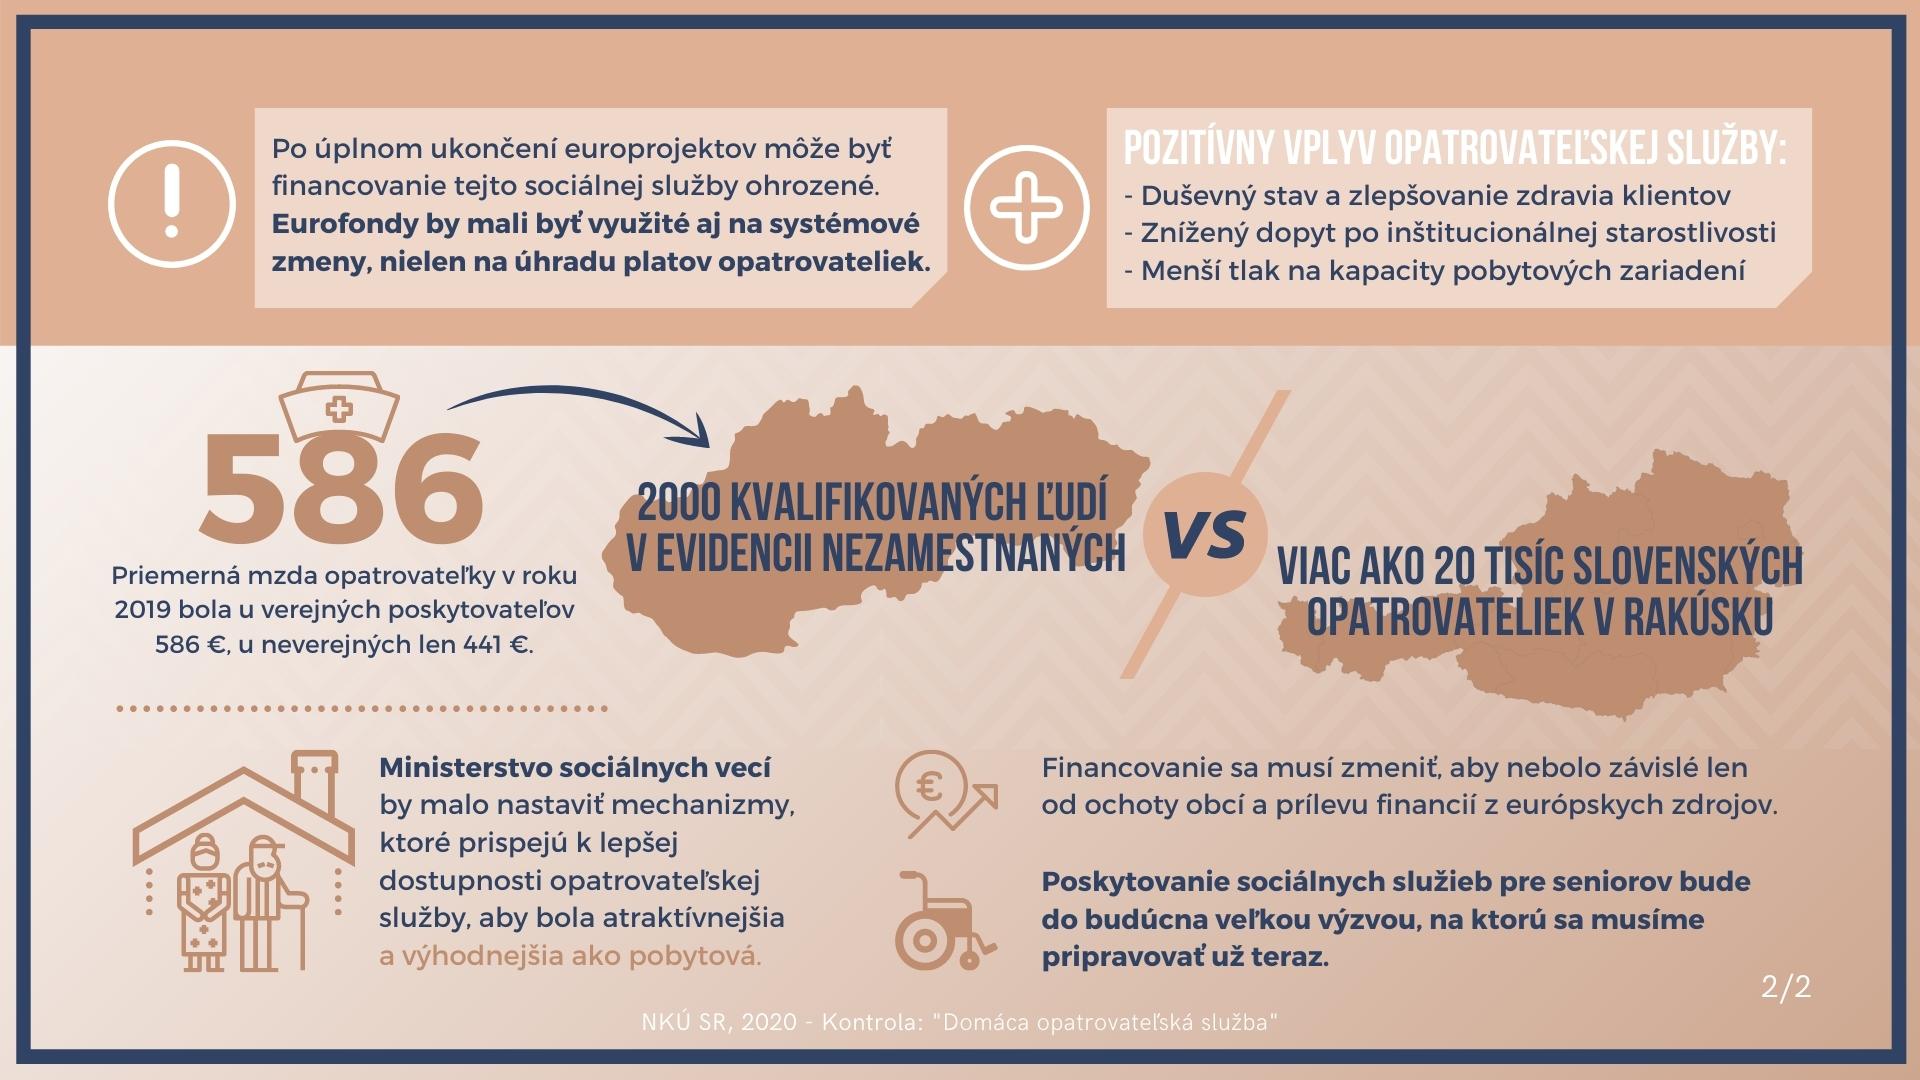 Infografika 2 - opatrovateľská služba